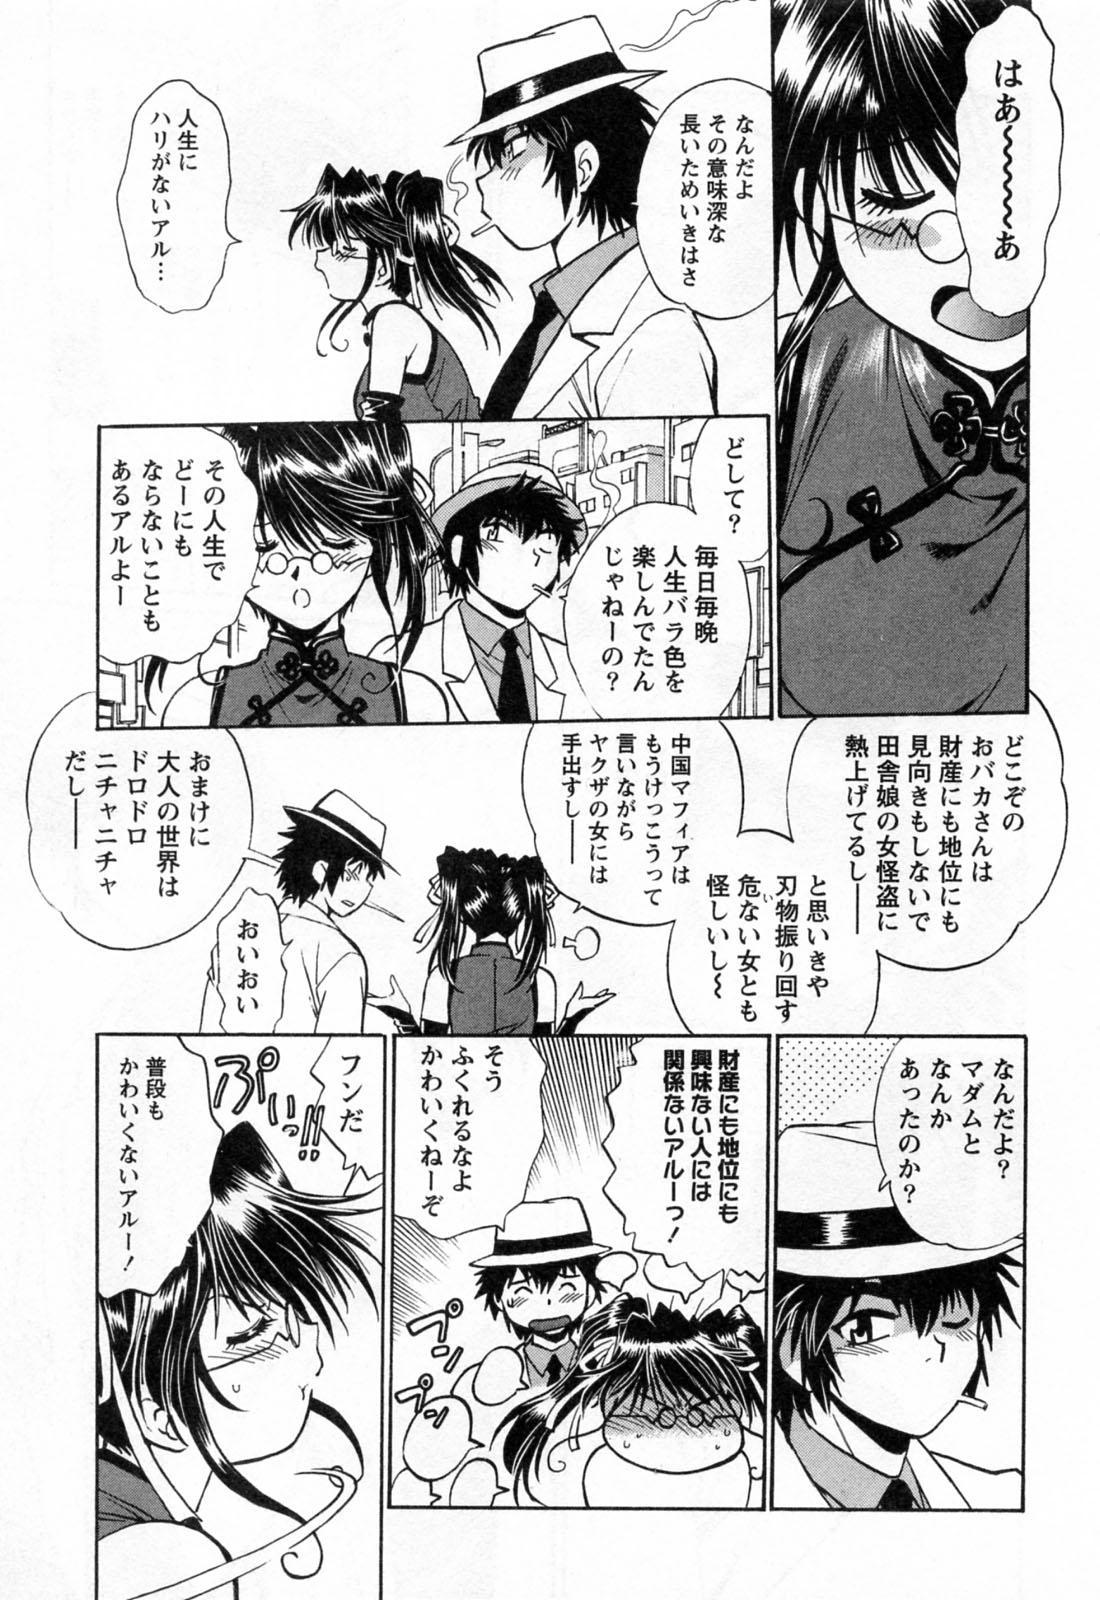 Makunouchi Deluxe 3 116